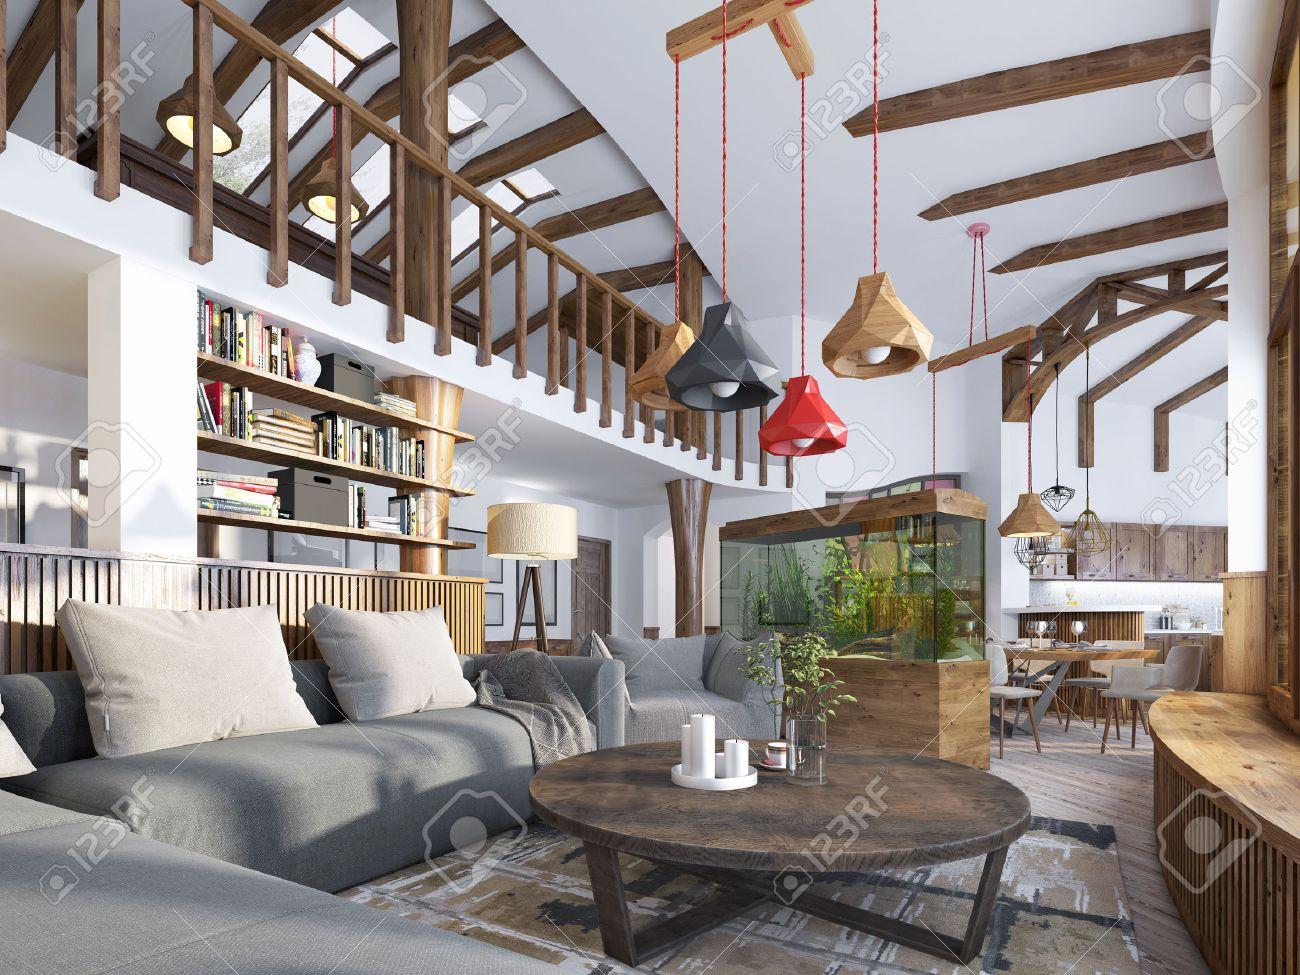 GroBartig Interior Wohnzimmer, Loft Stil. Maisonette Ein Modernes Wohnzimmer Mit  Einem Billardraum Im Großen